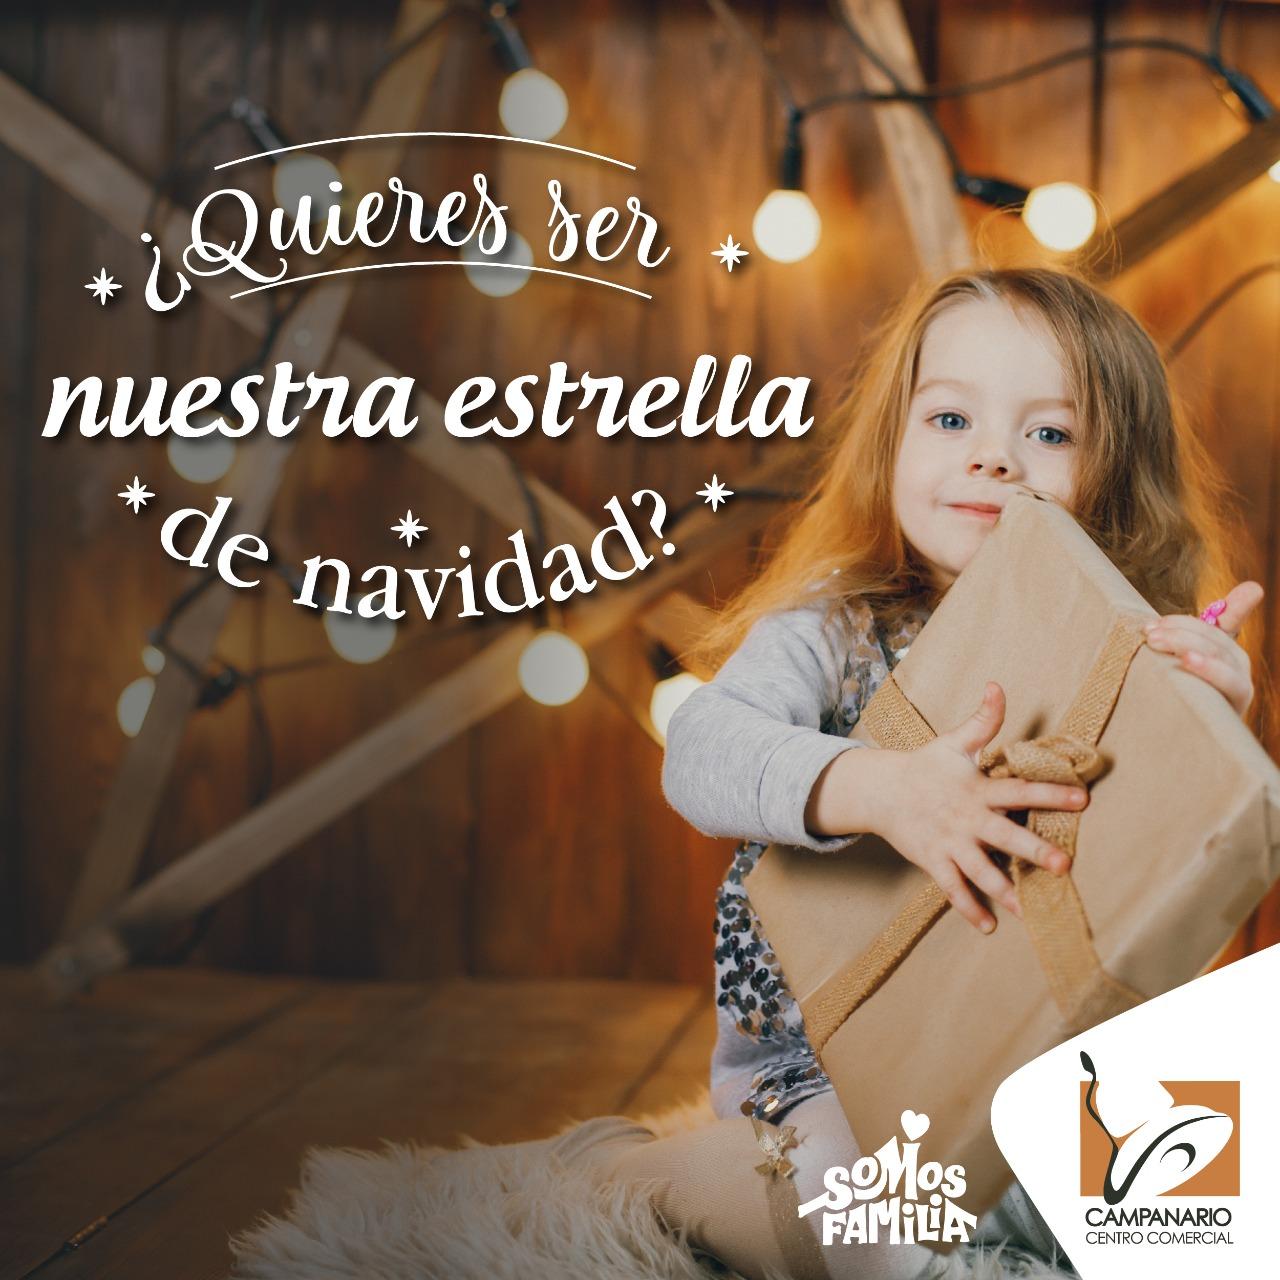 ¿Te gustaría que tu hijo sea la imagen de nuestra campaña de #Navidad2019?